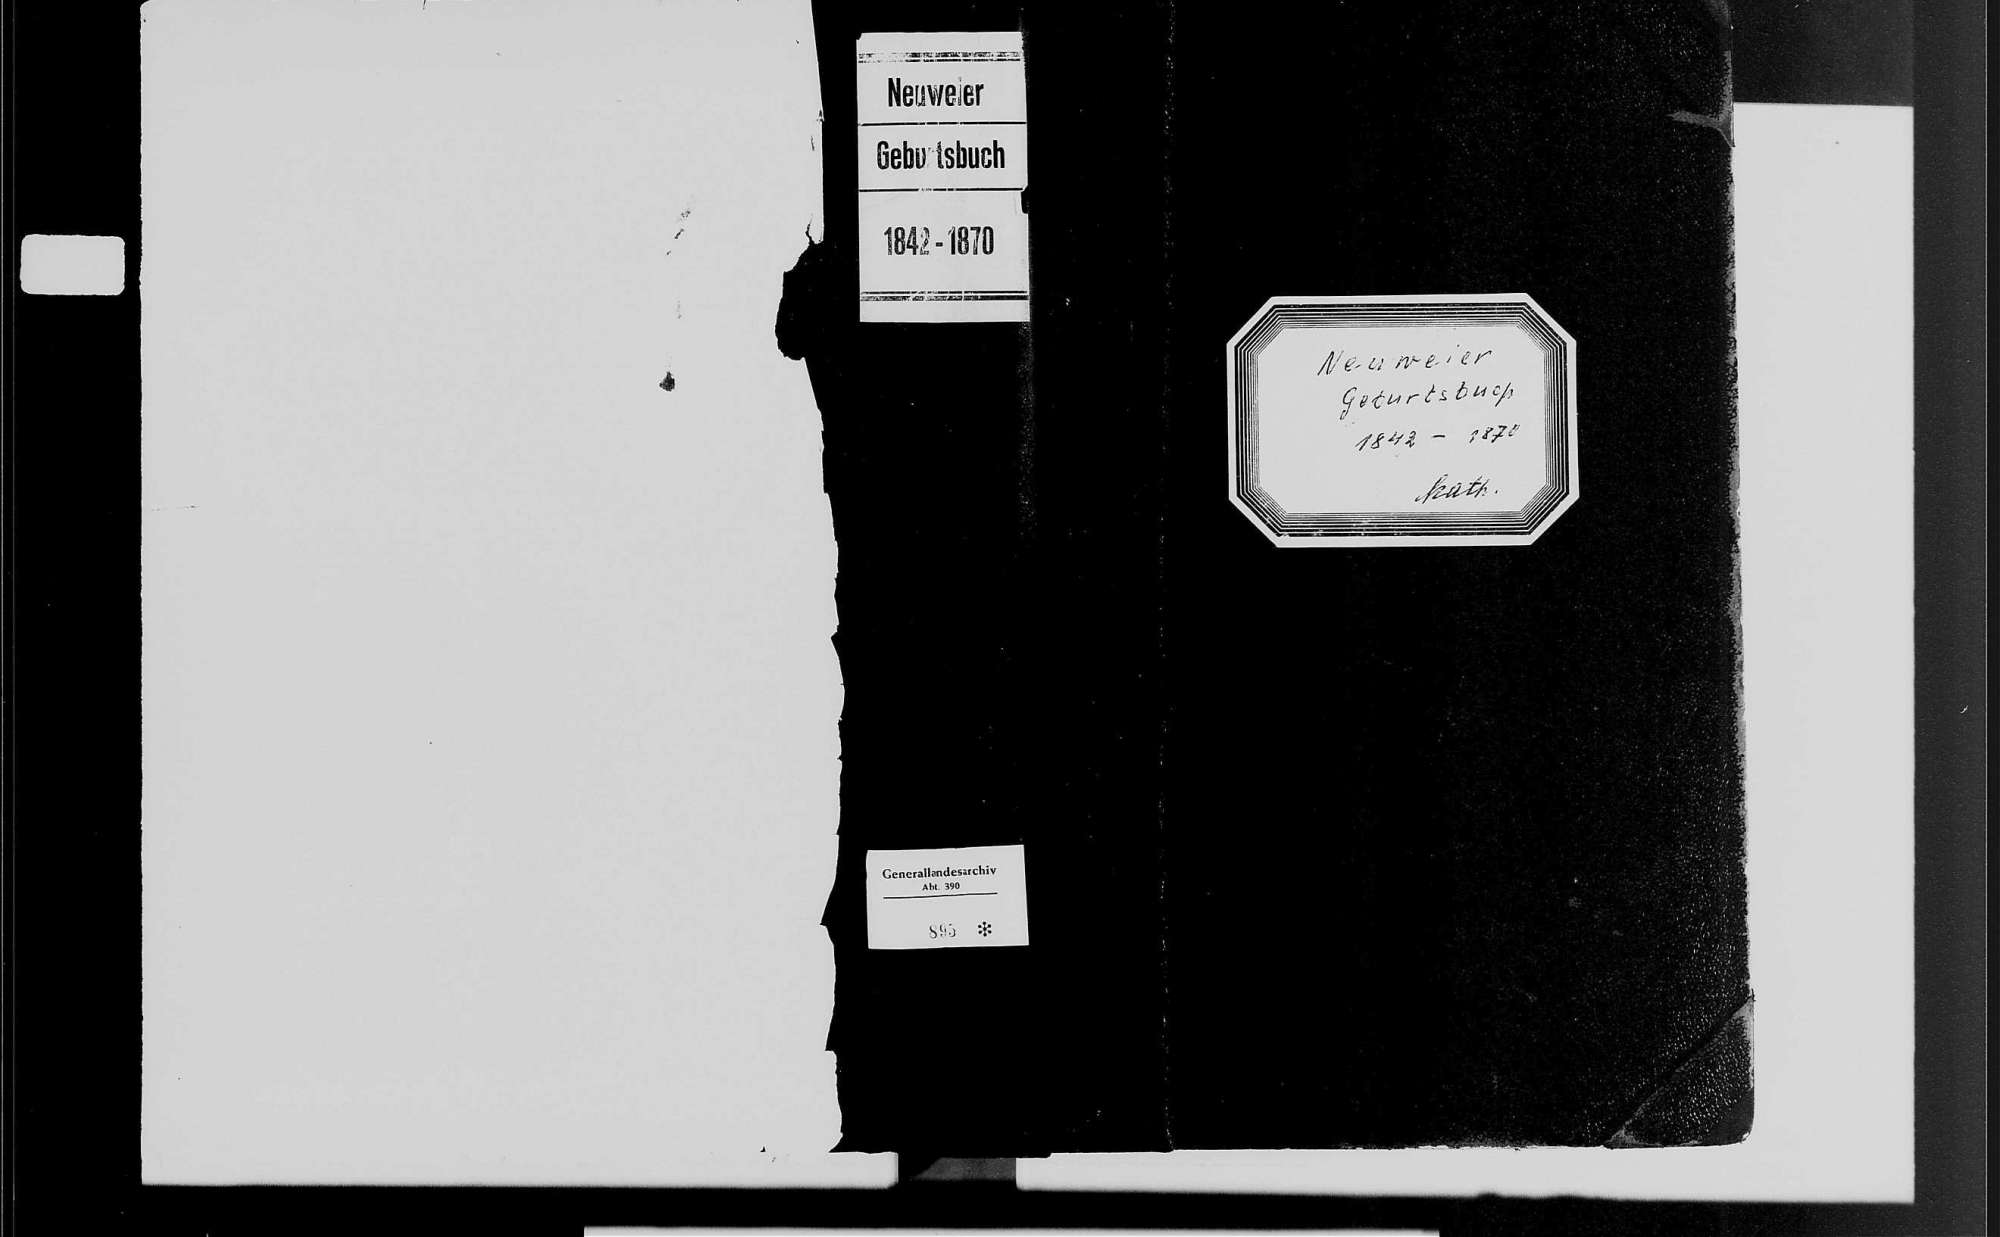 Neuweier, katholische Gemeinde: Geburtenbuch 1842-1870, Bild 1